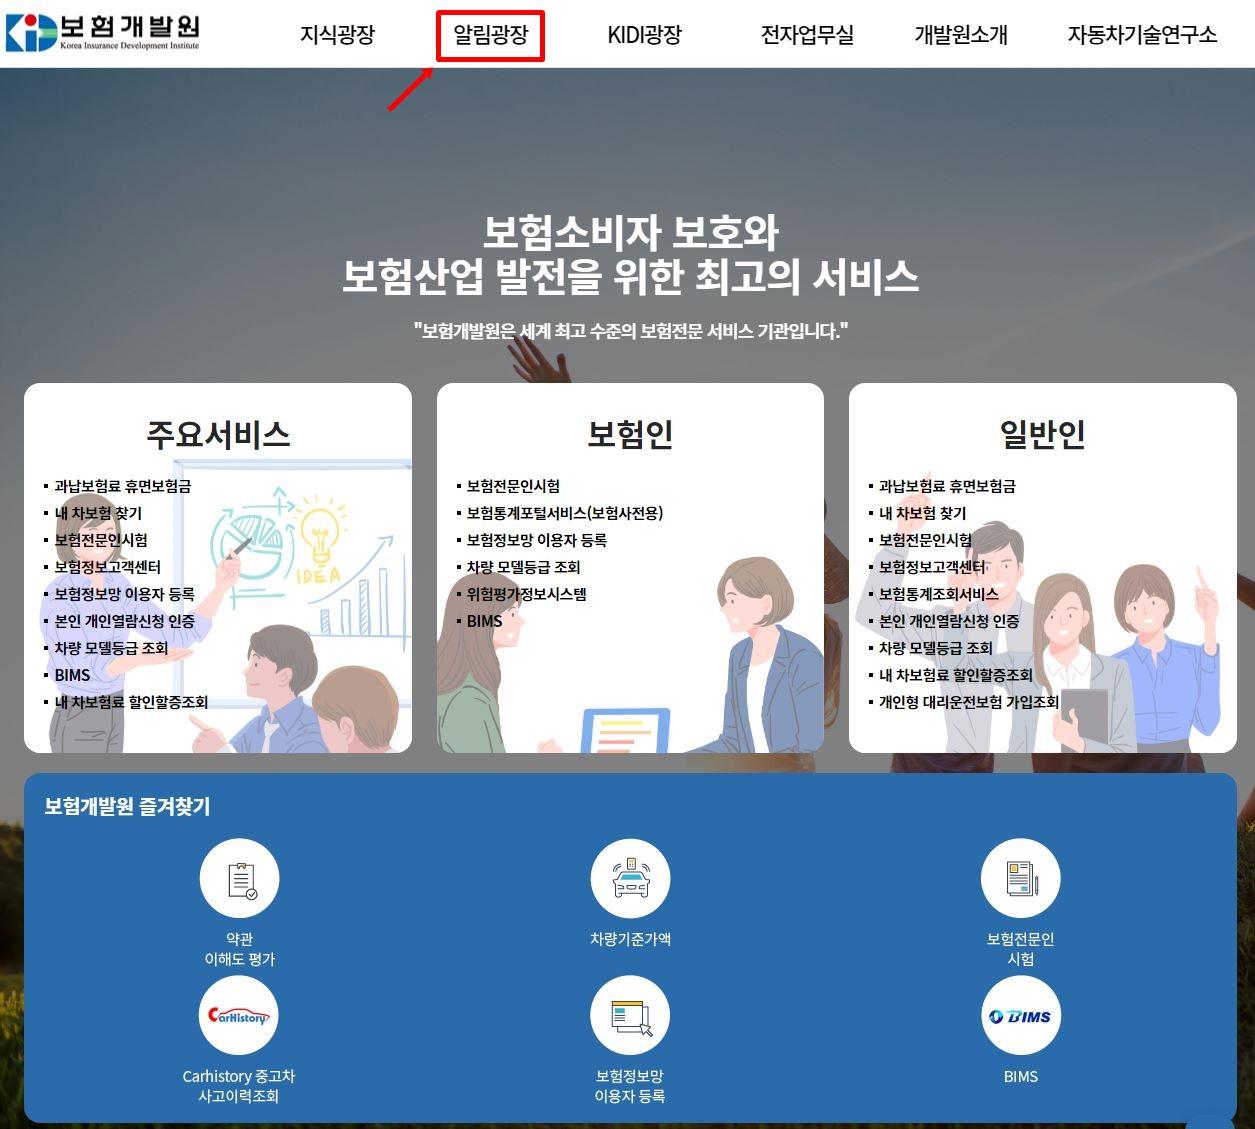 보험개발원 홈페이지